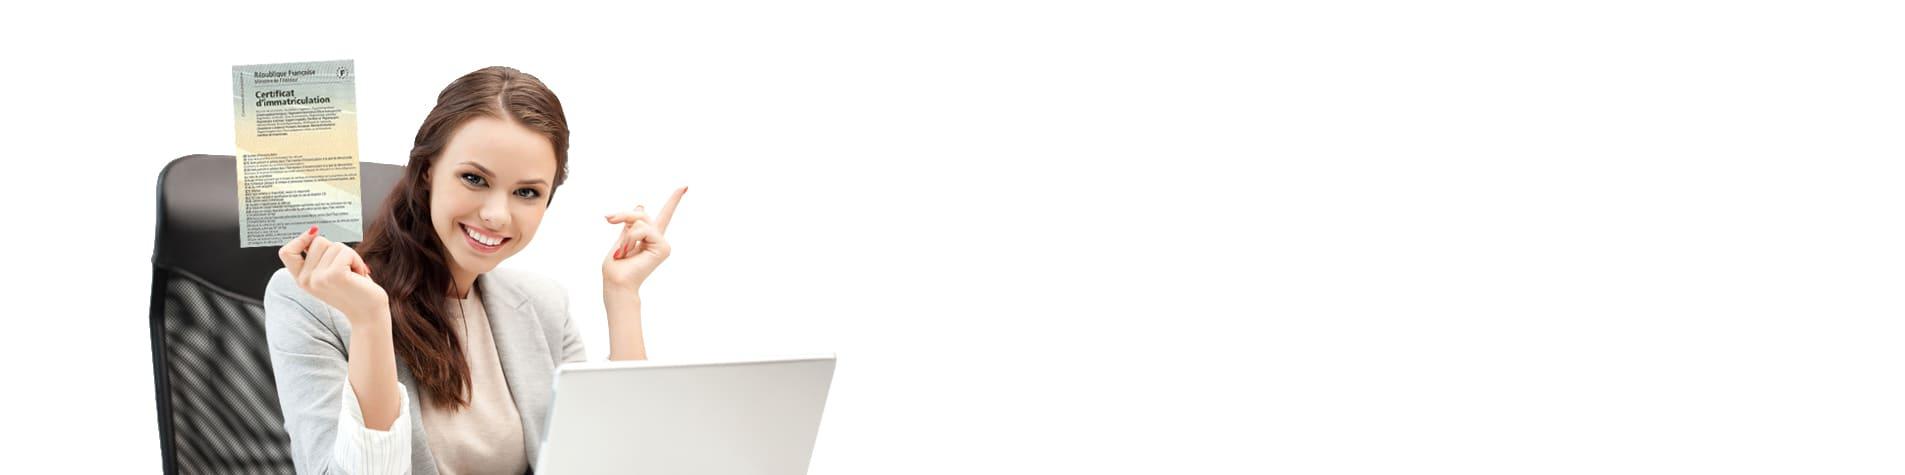 carte grise en ligne 24 7 paiement en 3x par internet. Black Bedroom Furniture Sets. Home Design Ideas